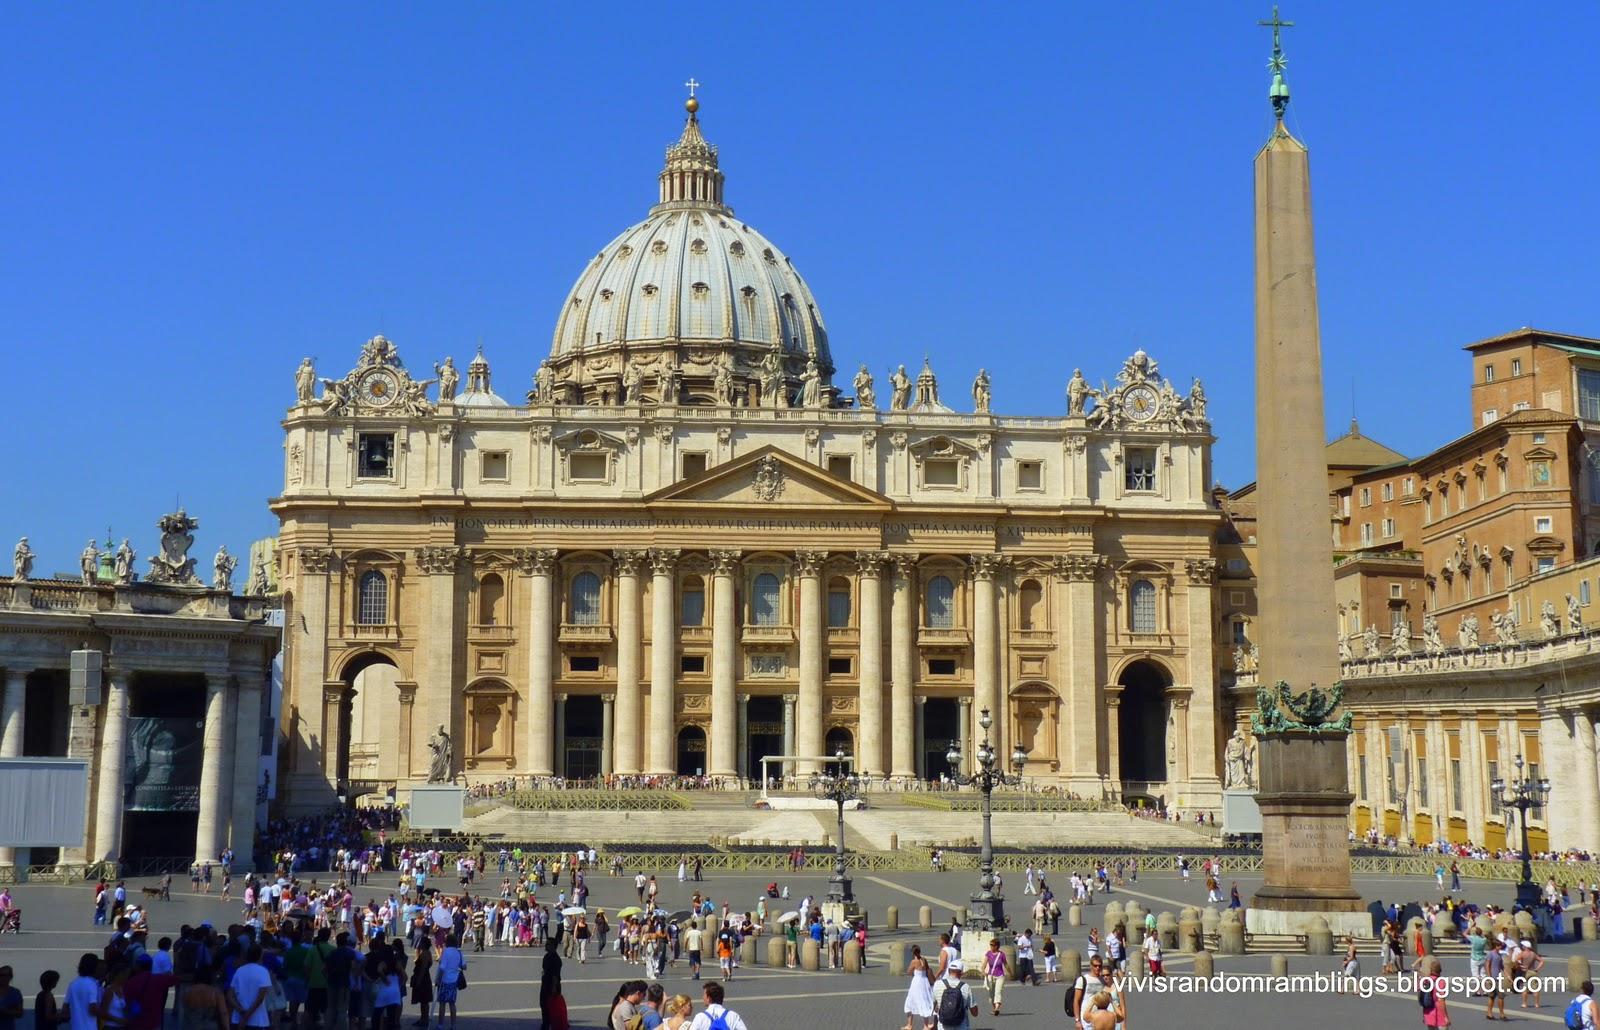 St Peter's Basilica, Vatican City, Vatican